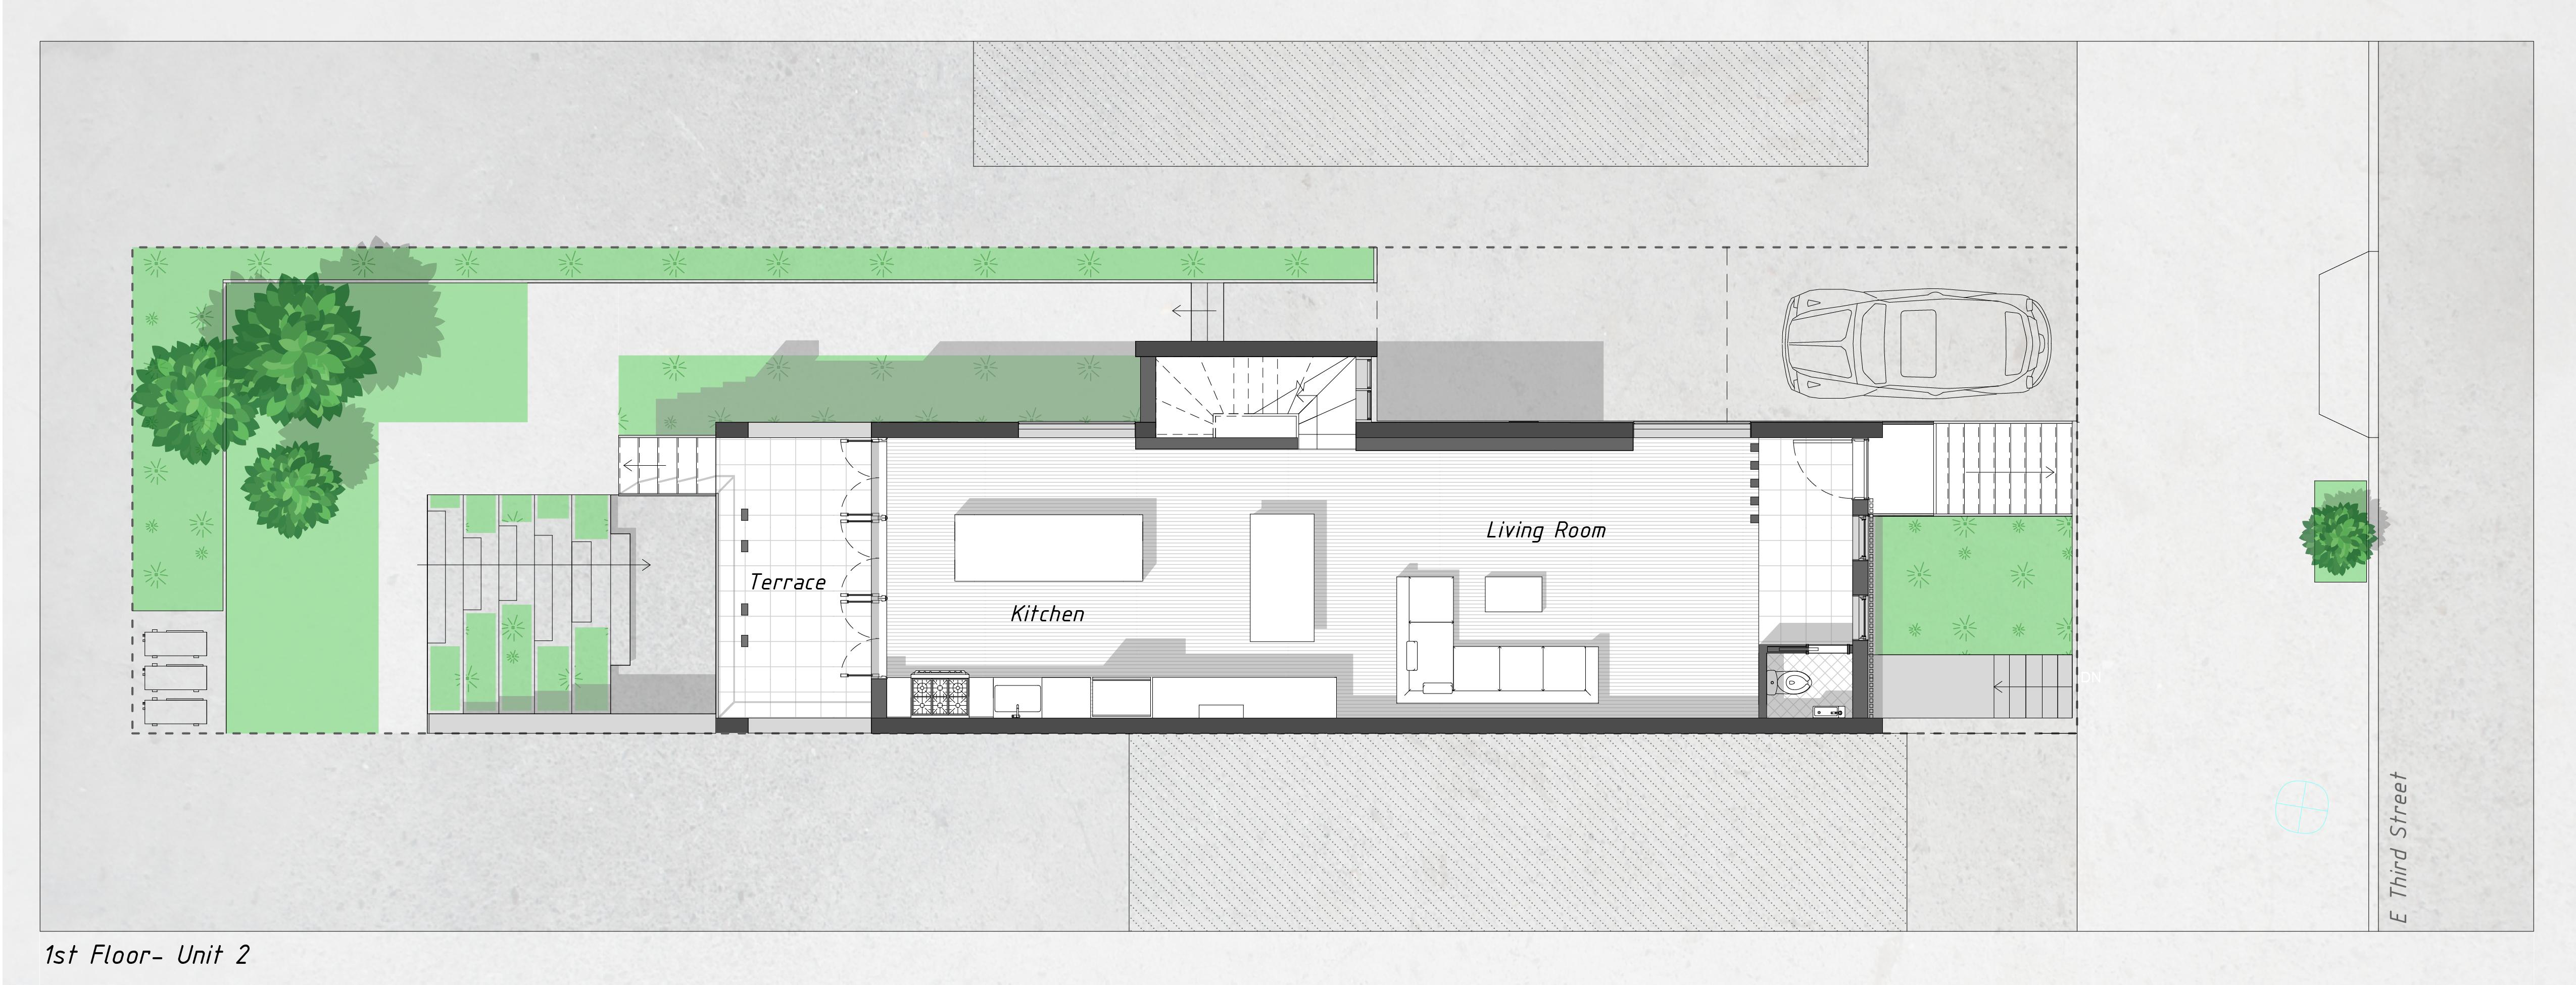 floorplans-04